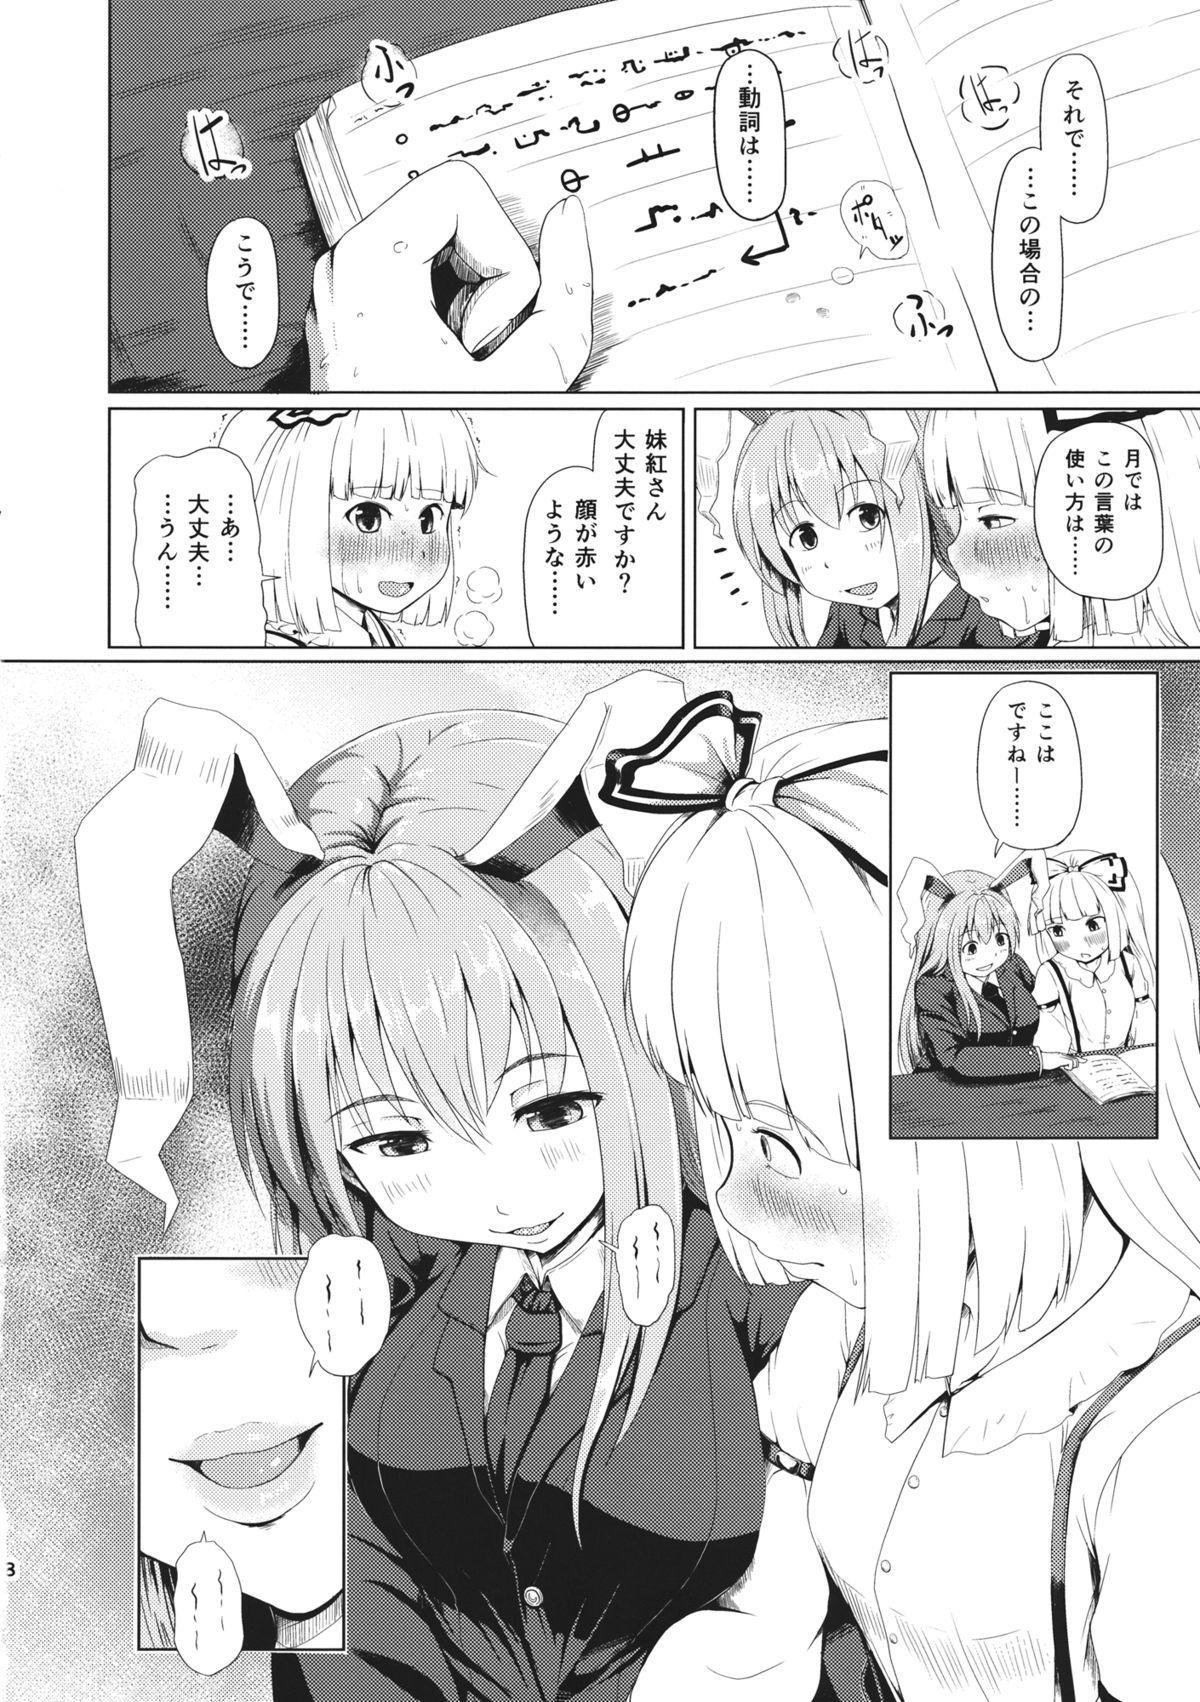 Osase no Inaba 7